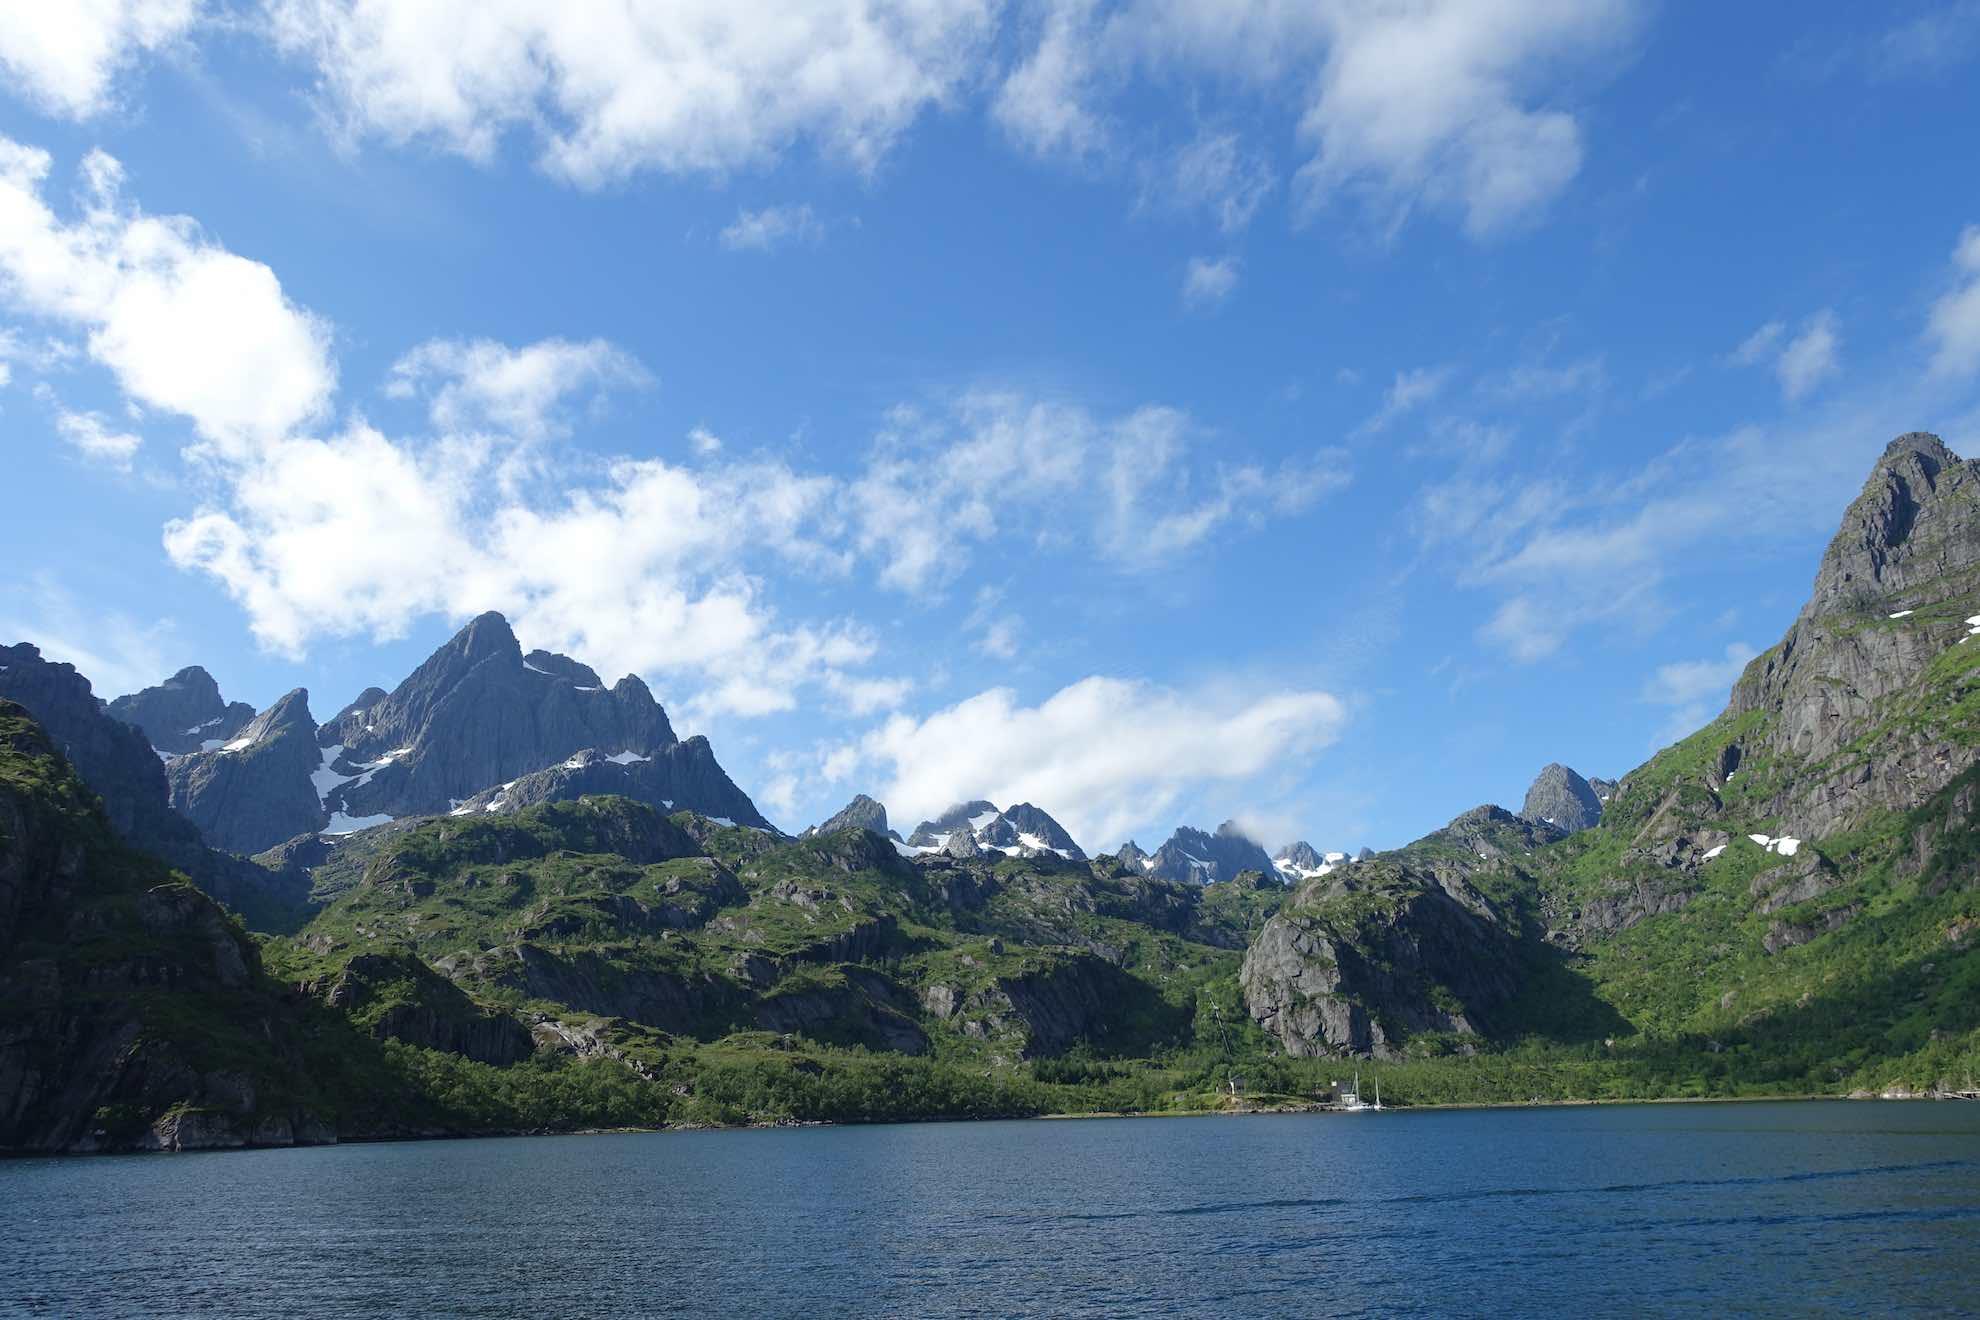 Der Weg führt durch den Raftsund, der die Vesterålen von den Lofoten trennt.